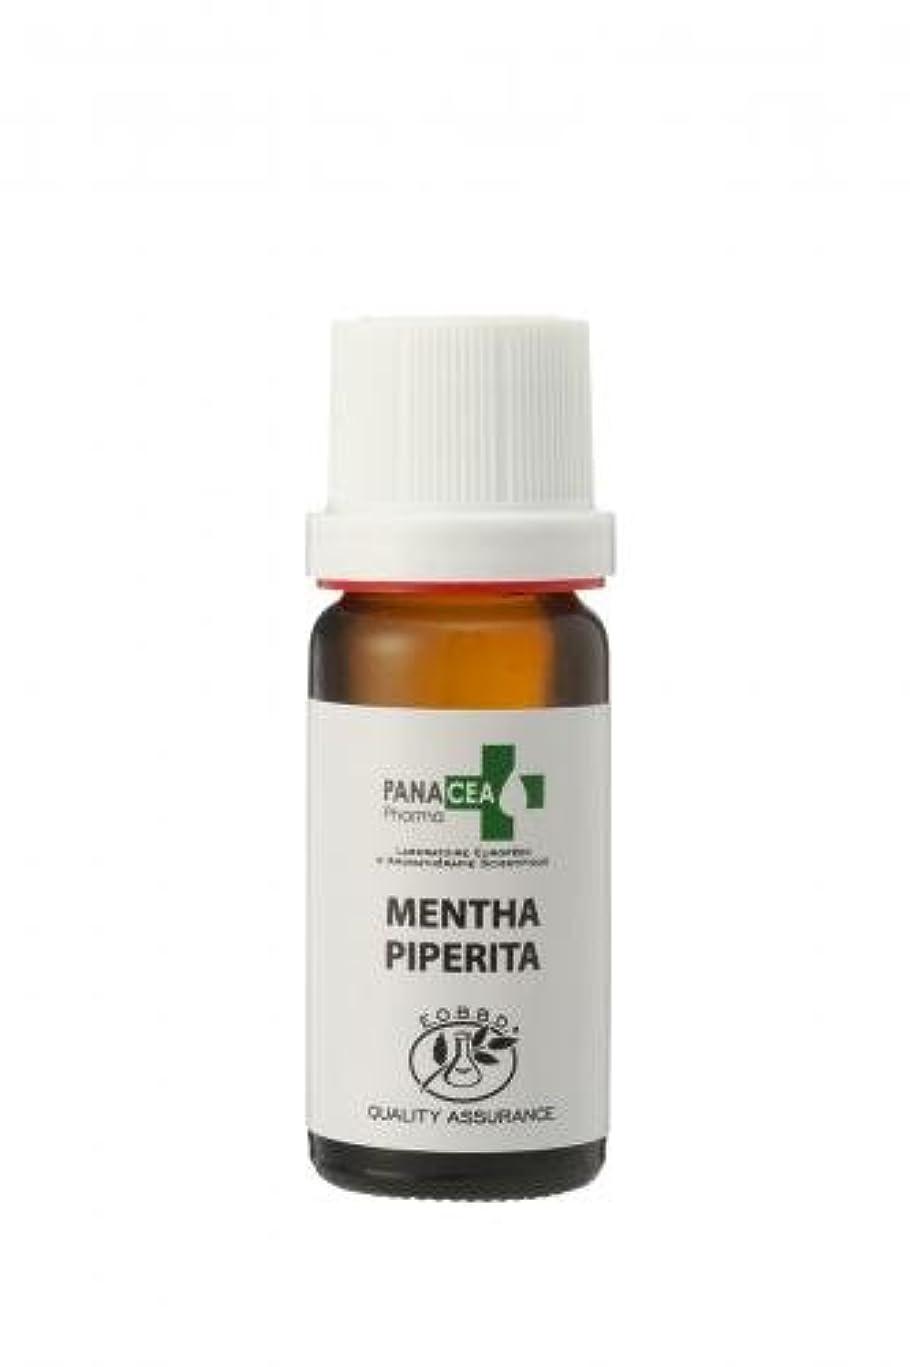 六びっくりするにじみ出るペパーミント (Mentha piperita) 10ml エッセンシャルオイル PANACEA PHARMA パナセア ファルマ